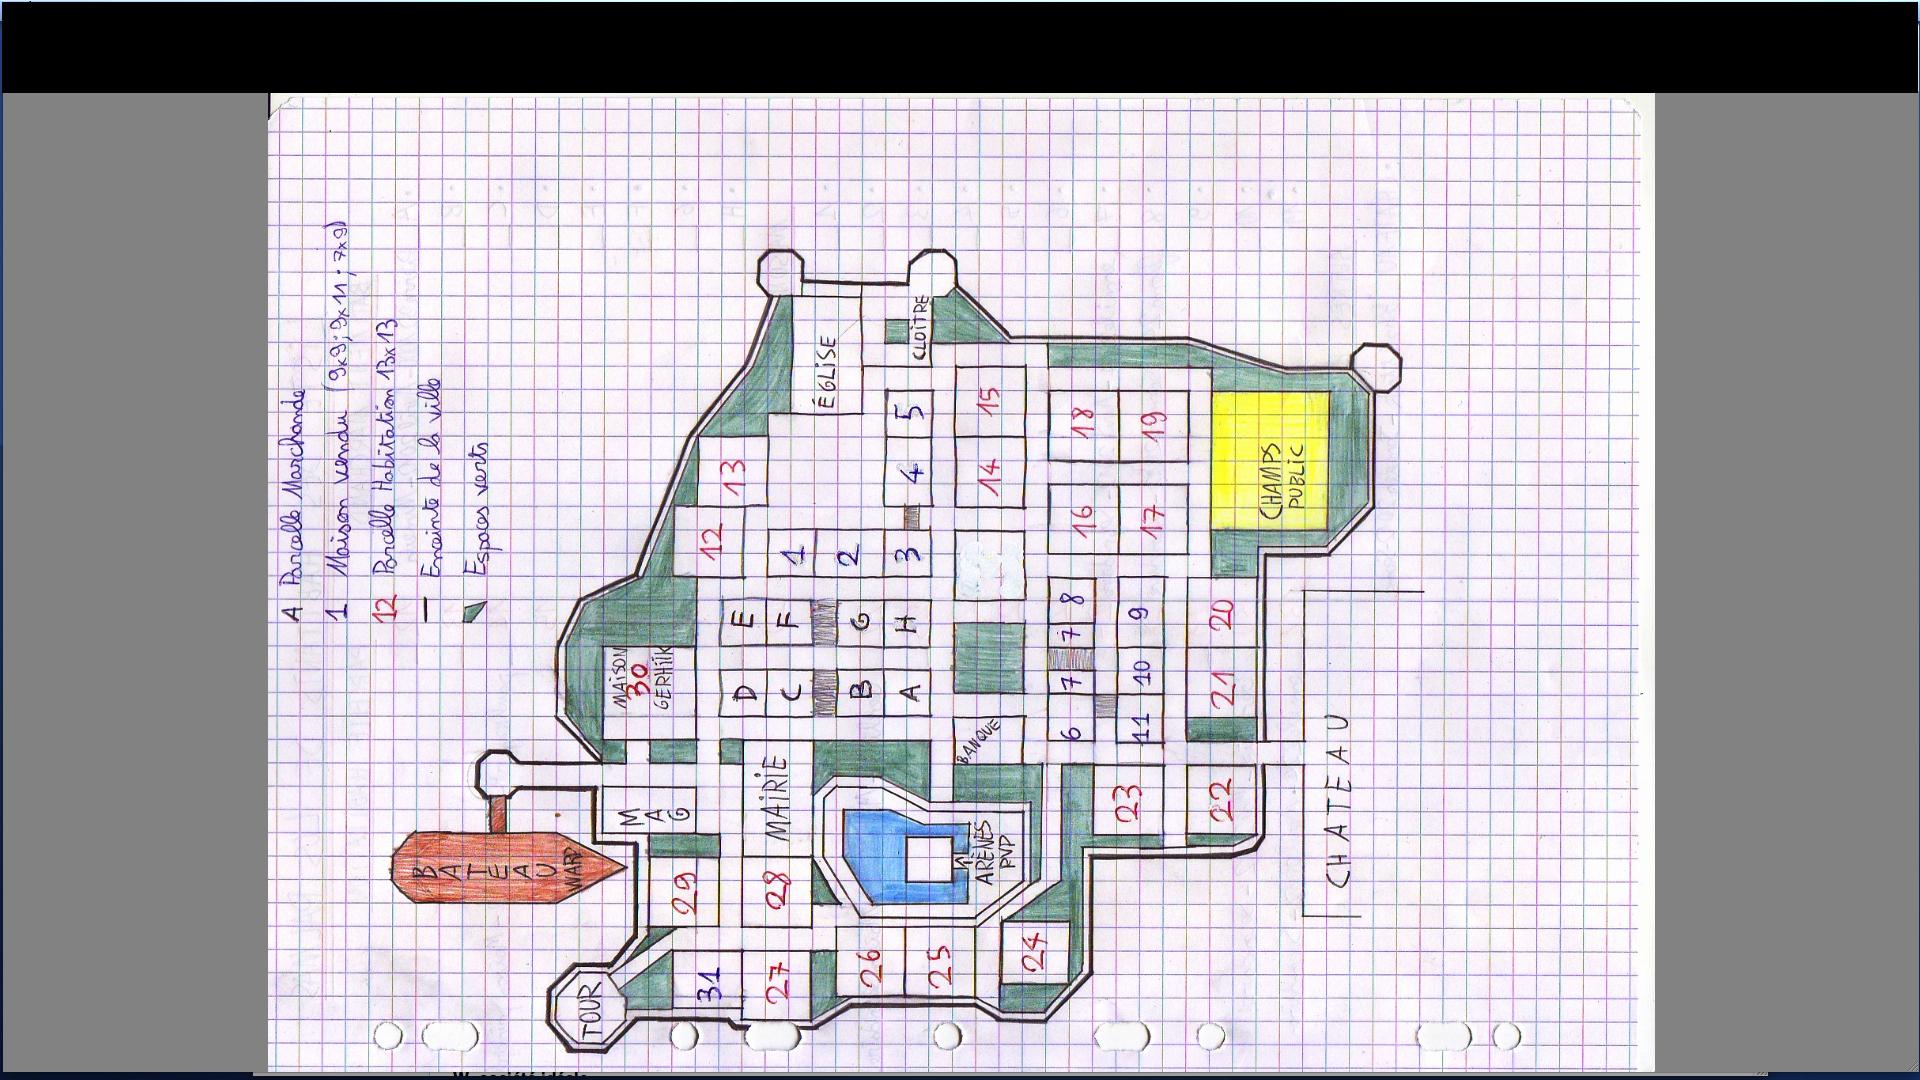 Plan pour construire une maison sur minecraft ventana blog - Plan pour construire maison ...